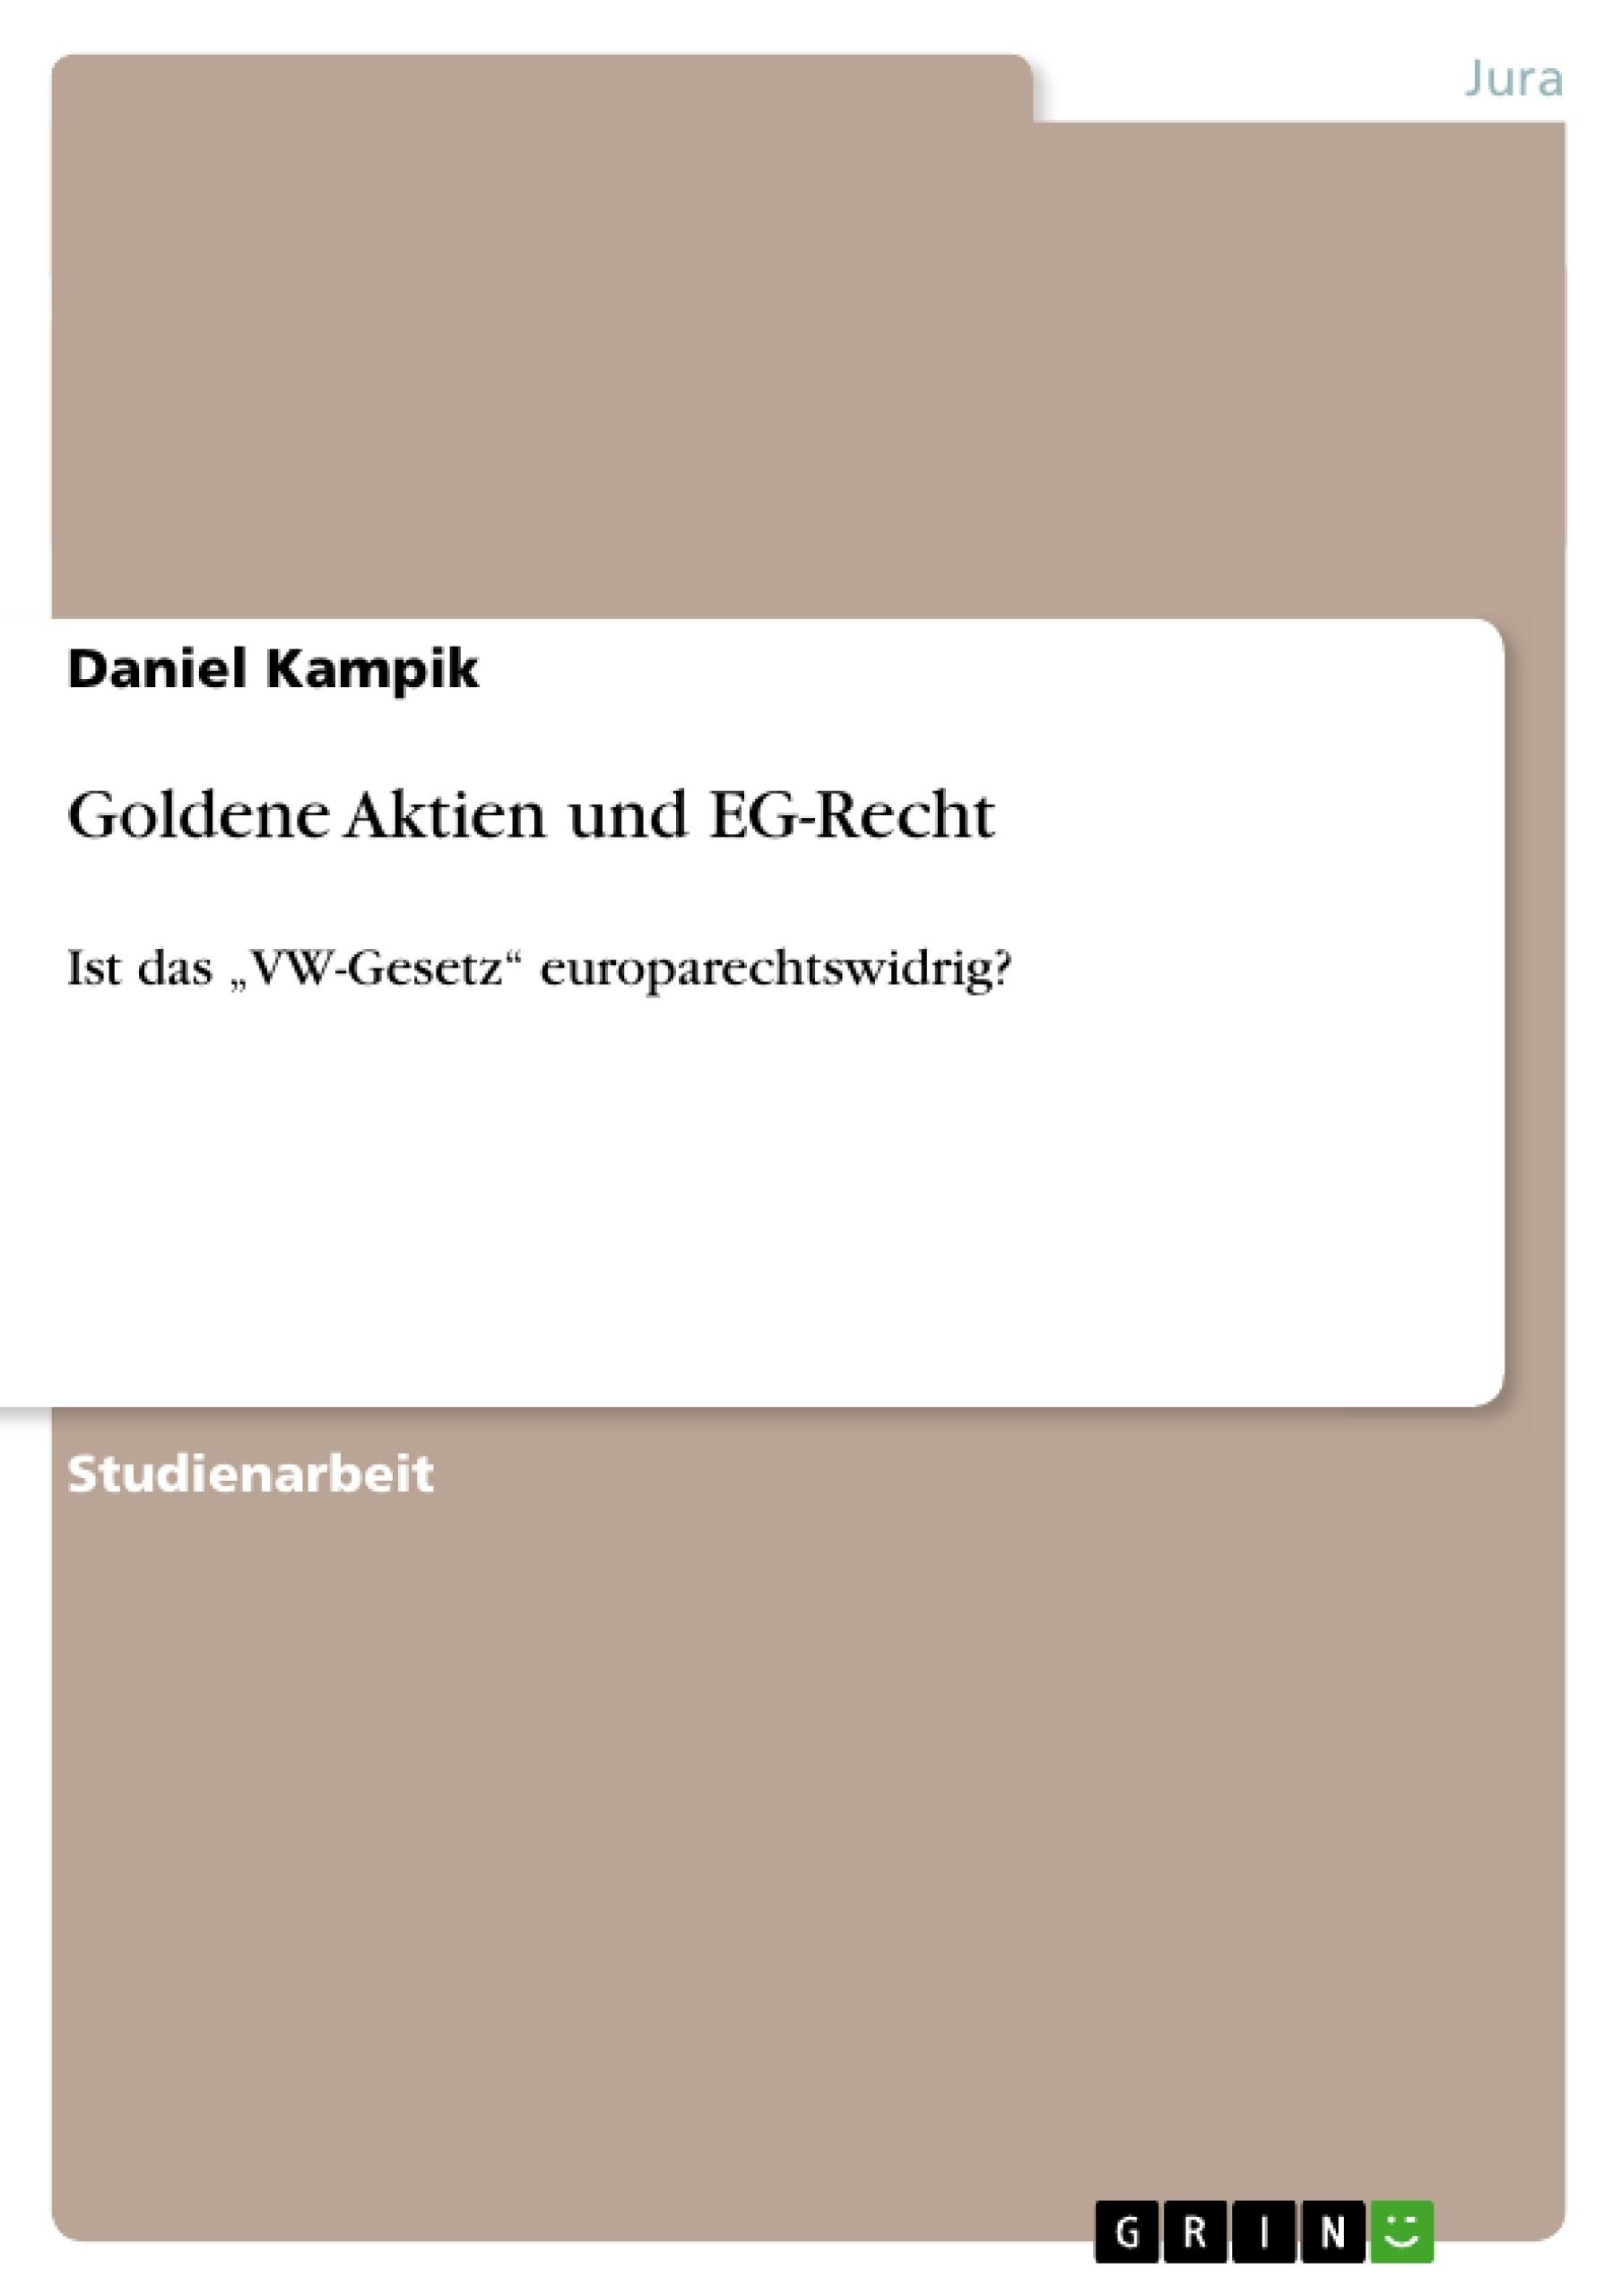 Titel: Goldene Aktien und EG-Recht